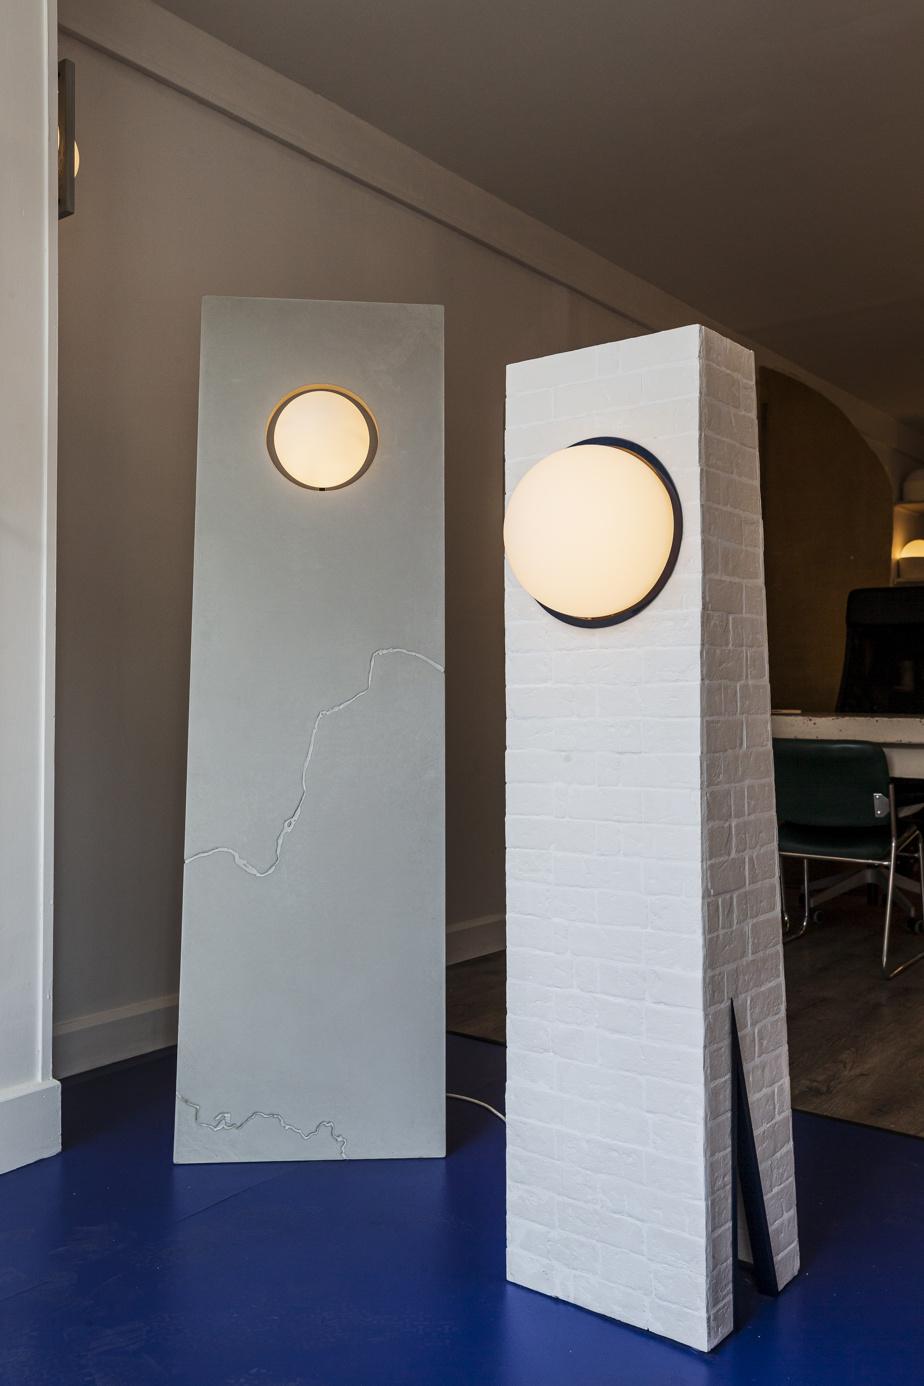 À gauche, LaCarte, une plaque de béton Ductal traversée d'un sillon qui rappelle une carte géographique, «comme si le chemin parcouru finissait par façonner ce que nous sommes», indique Anaïe Dufresne. LaTour, positionnée à droite, s'inspire de la chapelle contemporaine de Peter Zumthor, à Bonn, en Allemagne, qui prend ici l'allure d'un phare.